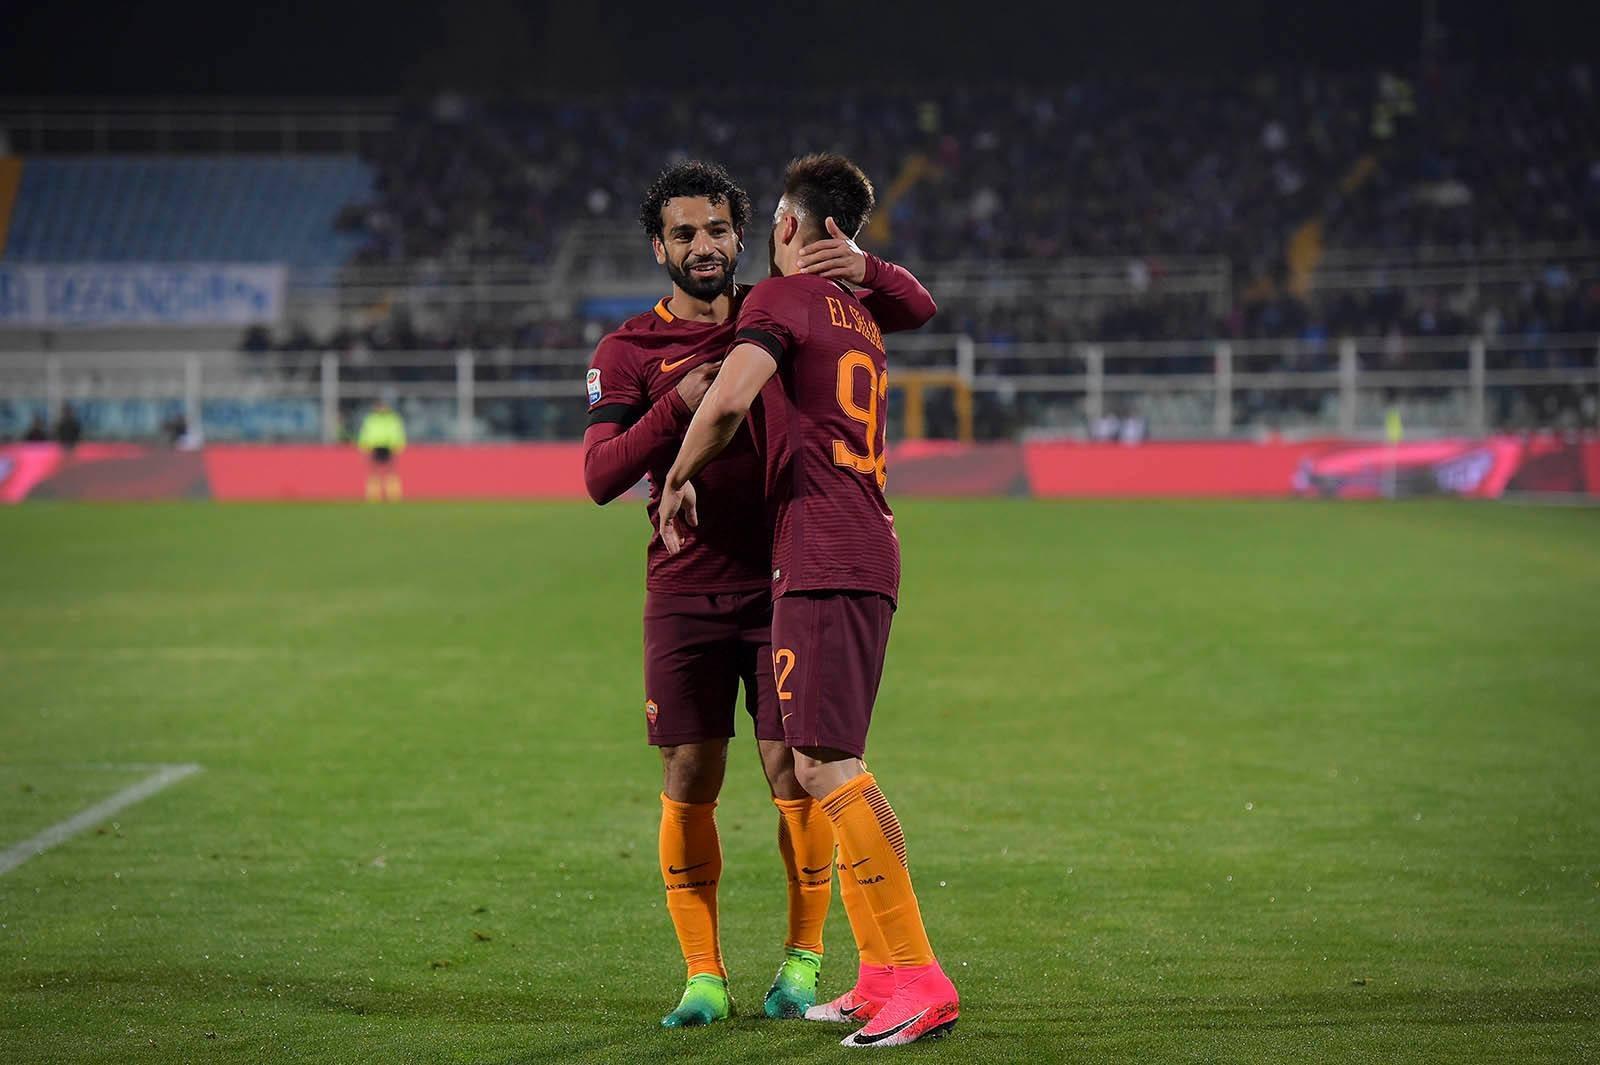 http://shbabbek.com/upload/شاهد| في ليلة تألق صلاح.. روما يكتسح بيسكارا (4-1)